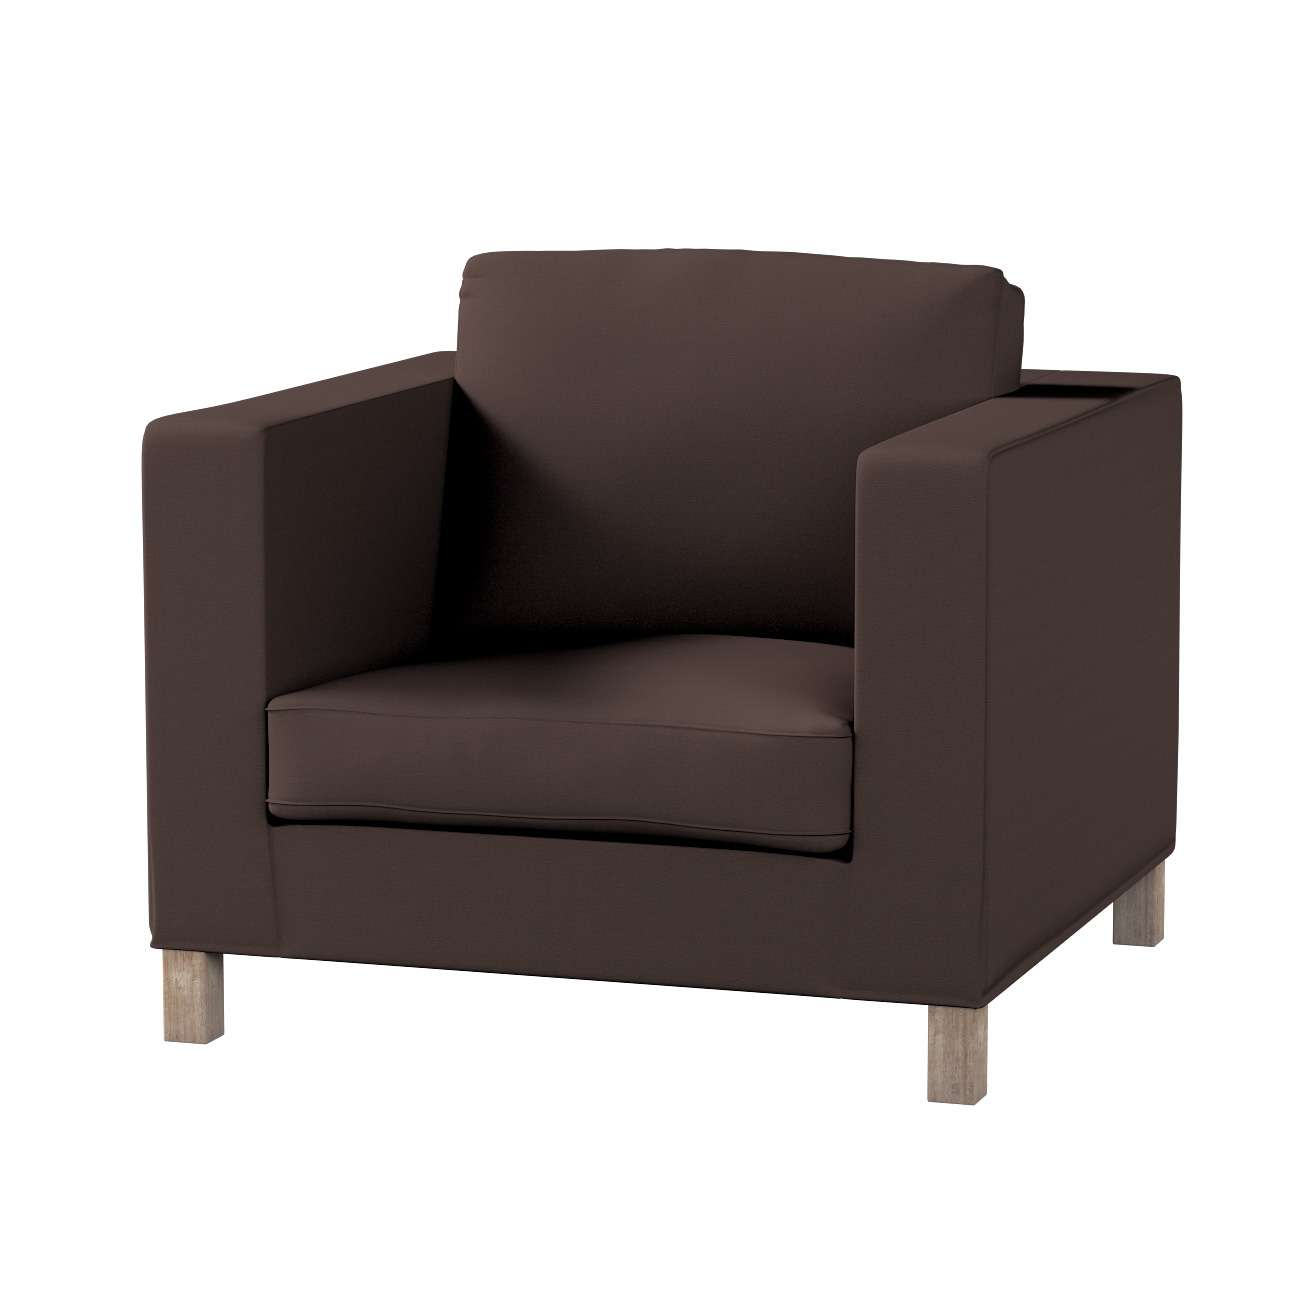 KARLANDA fotelio užvalkalas KARLANDA fotelio užvalkalas kolekcijoje Cotton Panama, audinys: 702-03